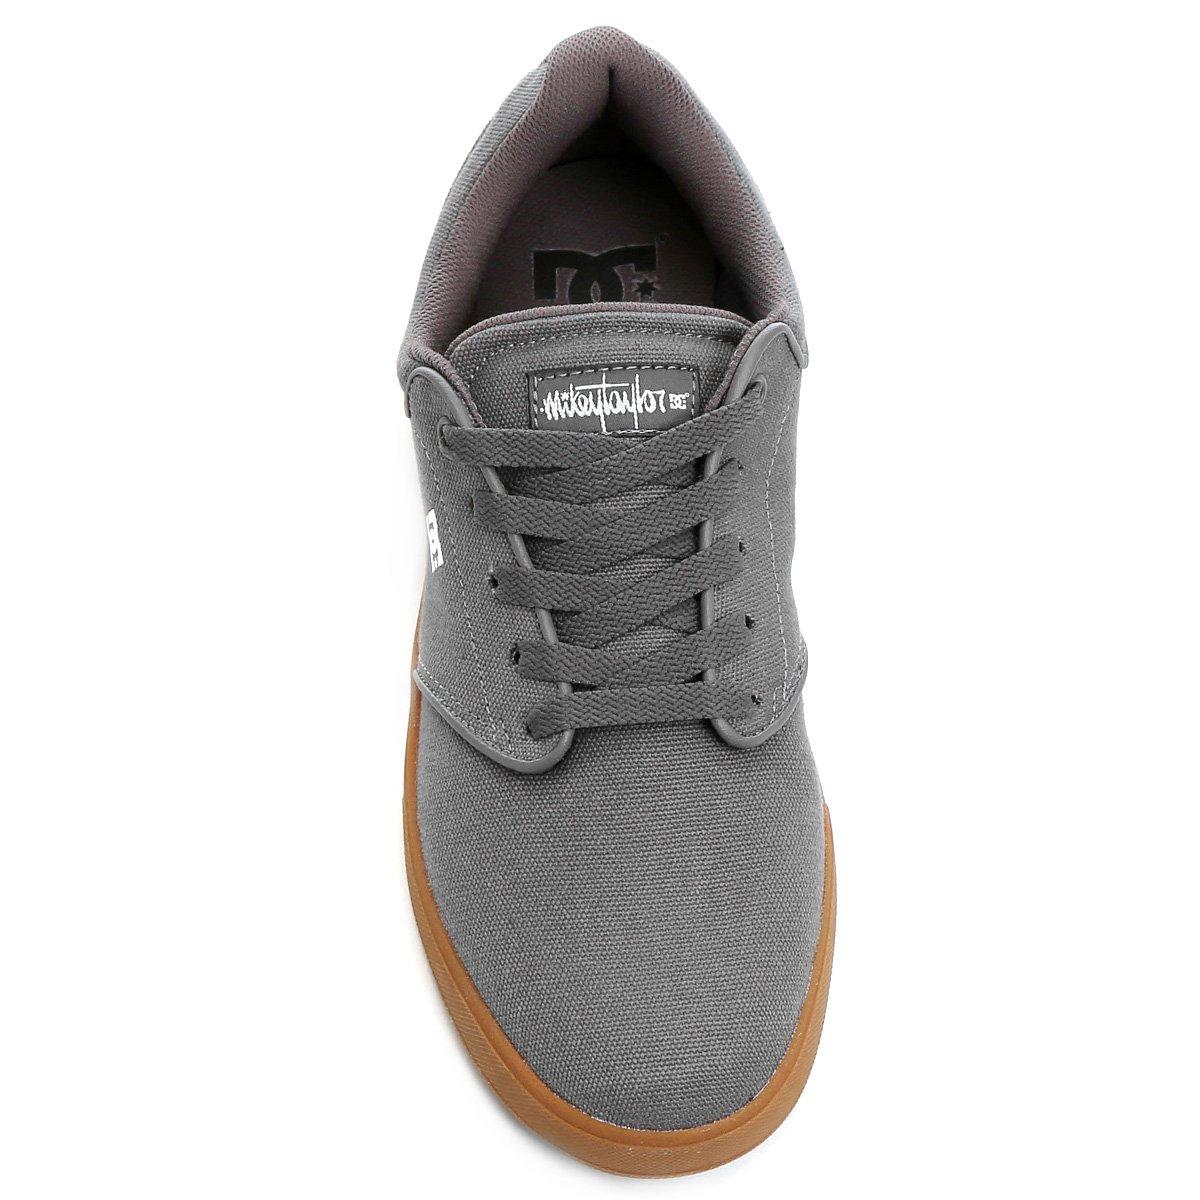 7c96aba71d9 Tênis DC Shoes Mikey Taylor S TX LA - Compre Agora